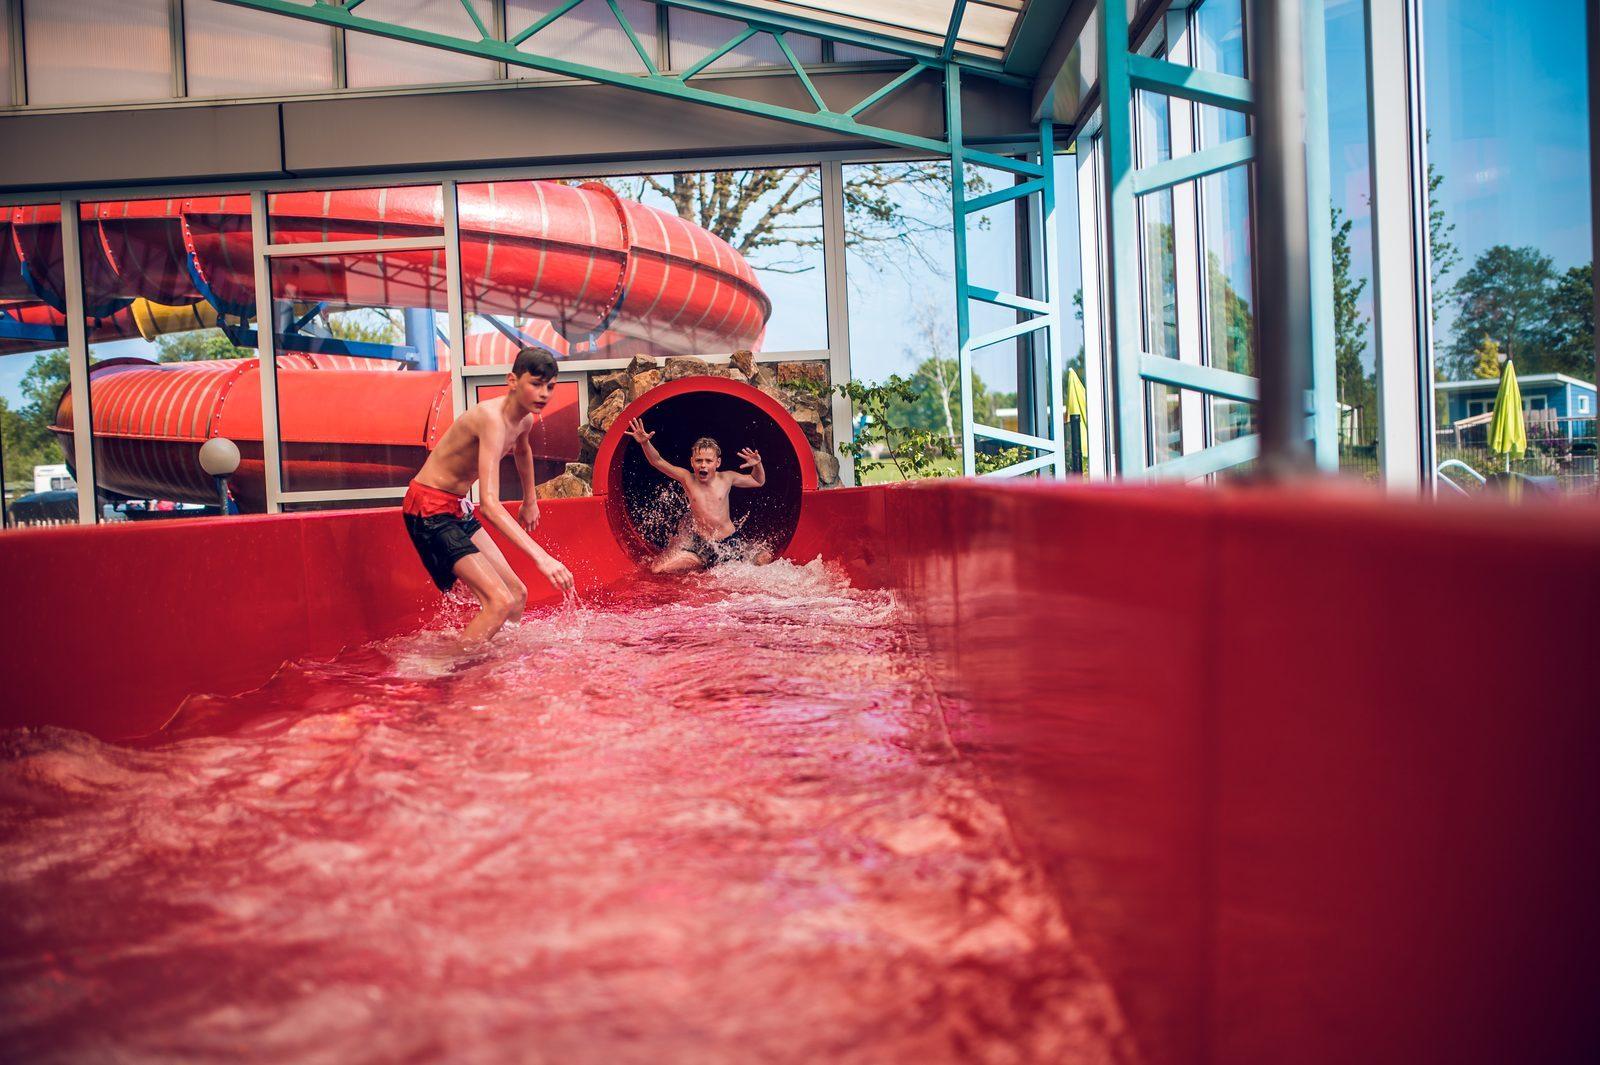 foto jongen uit zwembad glijbaan rood Ackersate